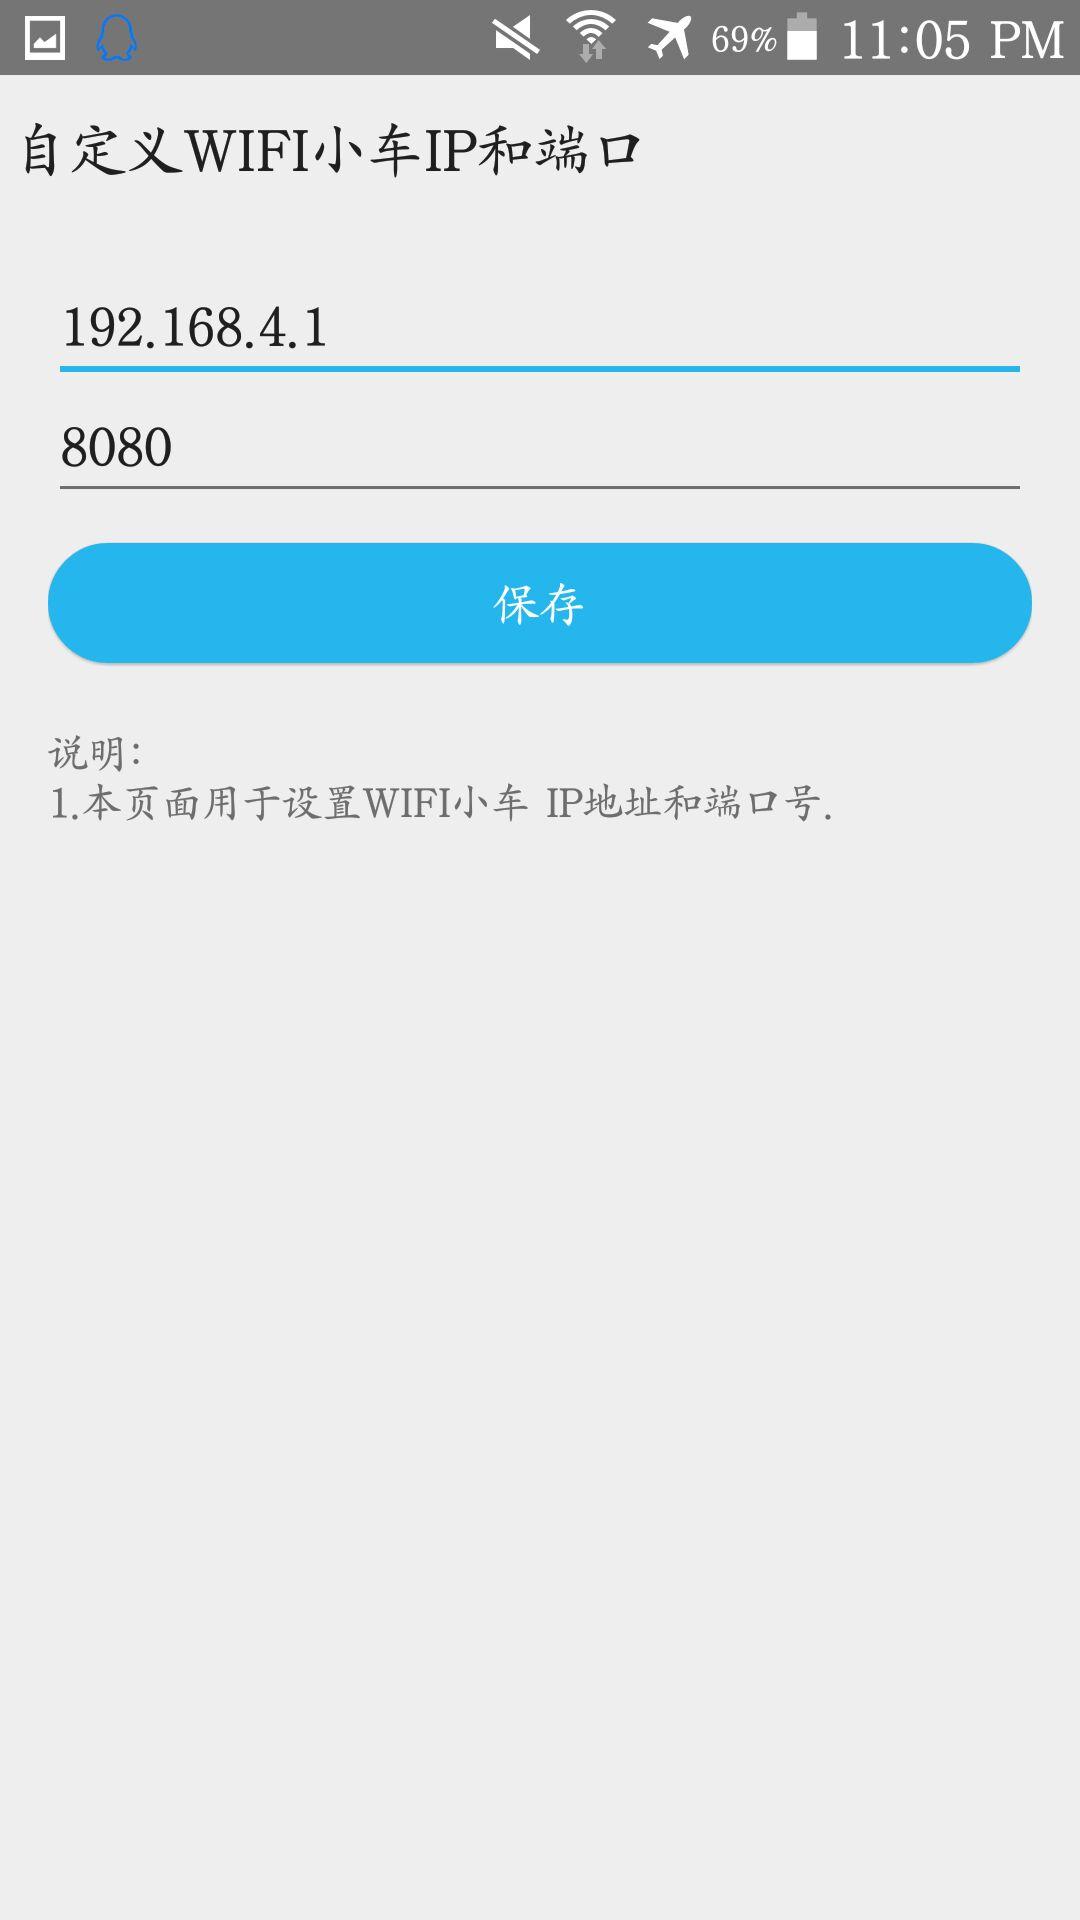 C9AC8FEE42B781CDE8D25BC2021EACE2.jpg